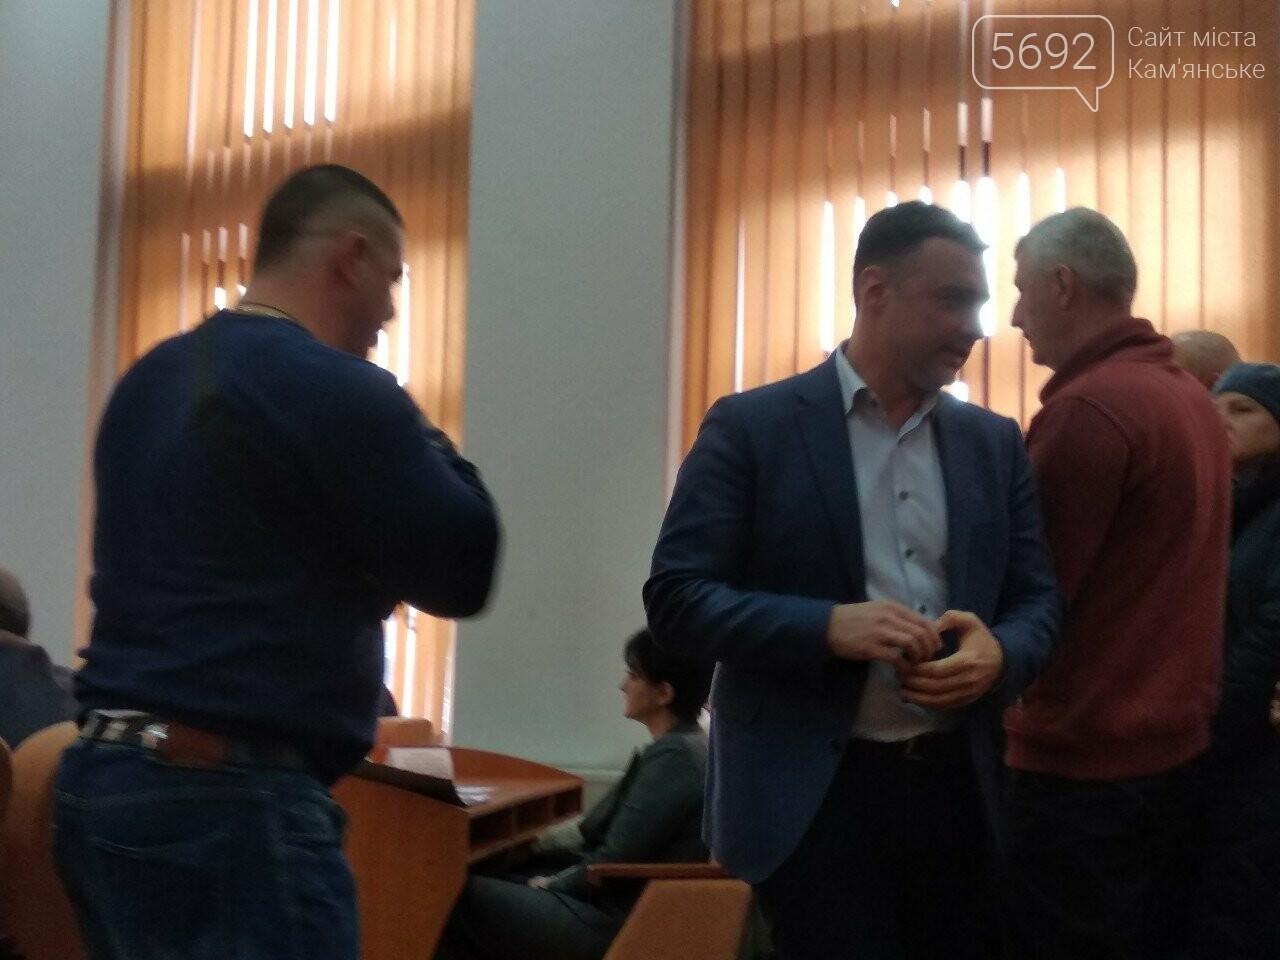 Кандидат в президенты назвал каменского депутата Лесничего сепаратистом, фото-3